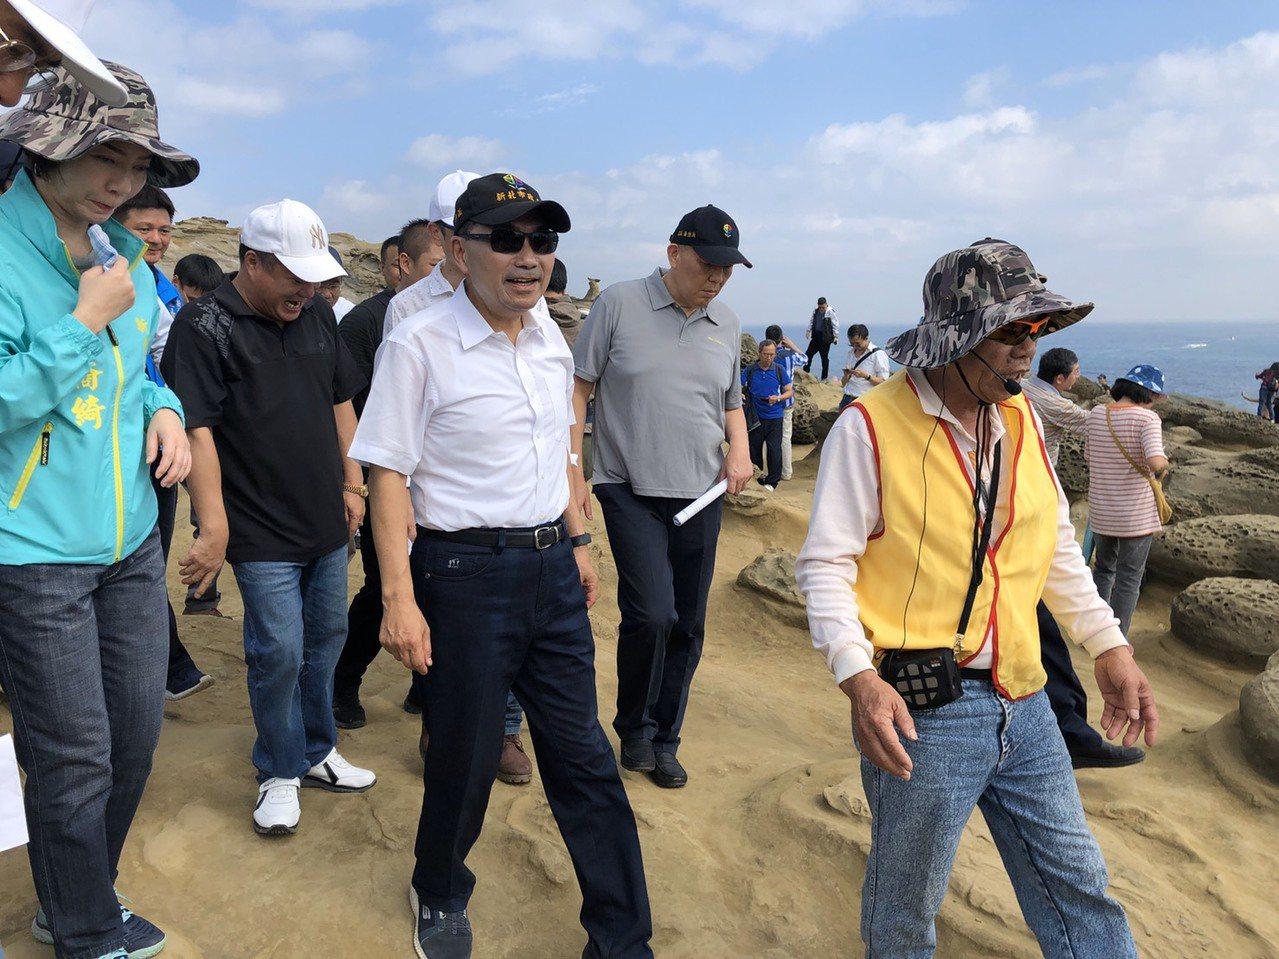 新北市長侯友宜今前往象鼻岩現場視察,並強調民眾安全為優先。圖/新北市農業局提供